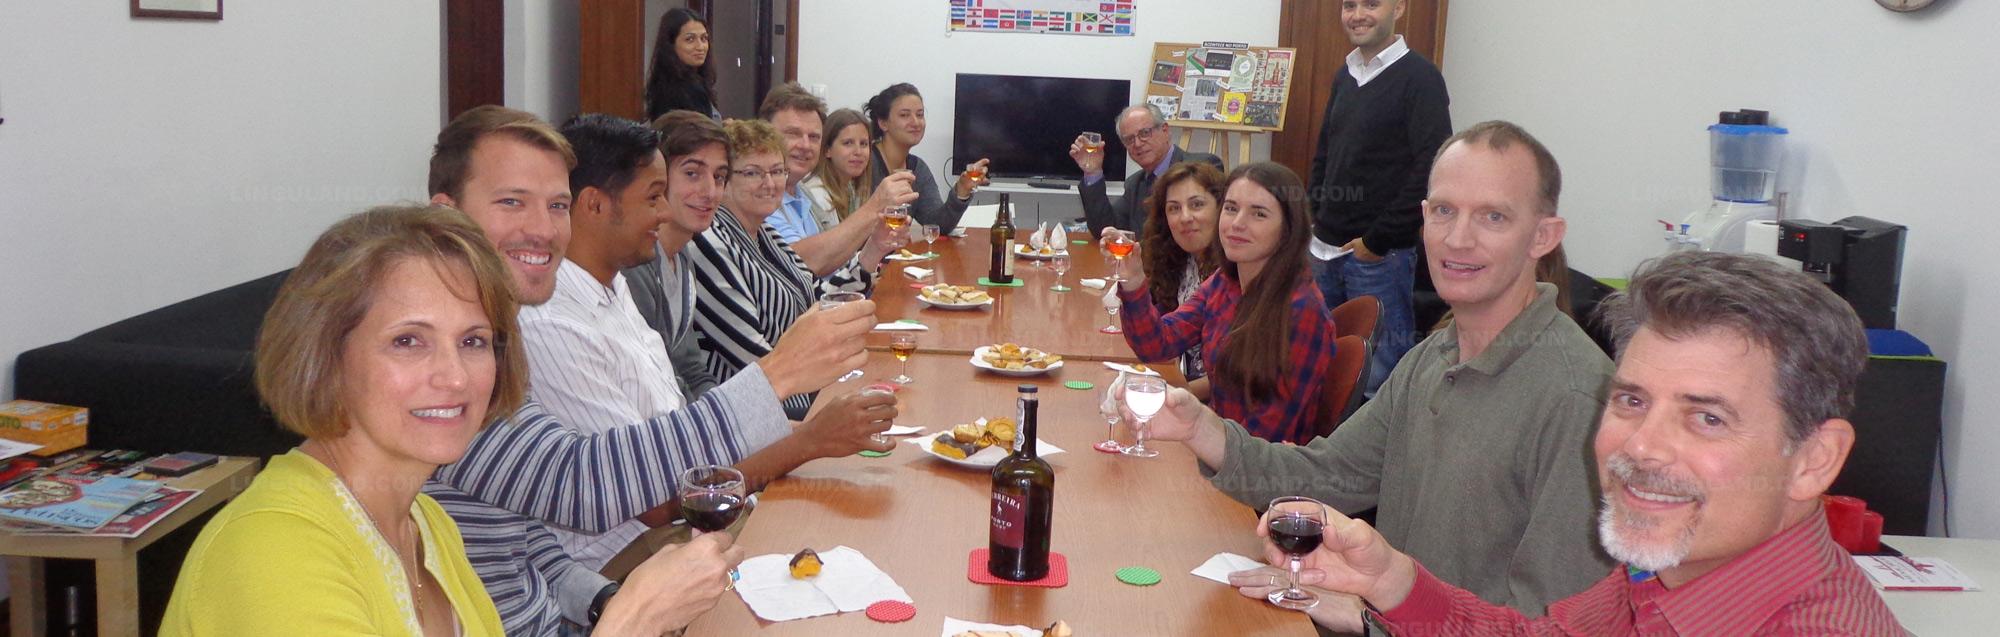 Academias de idiomas para personas mayores de 50 años